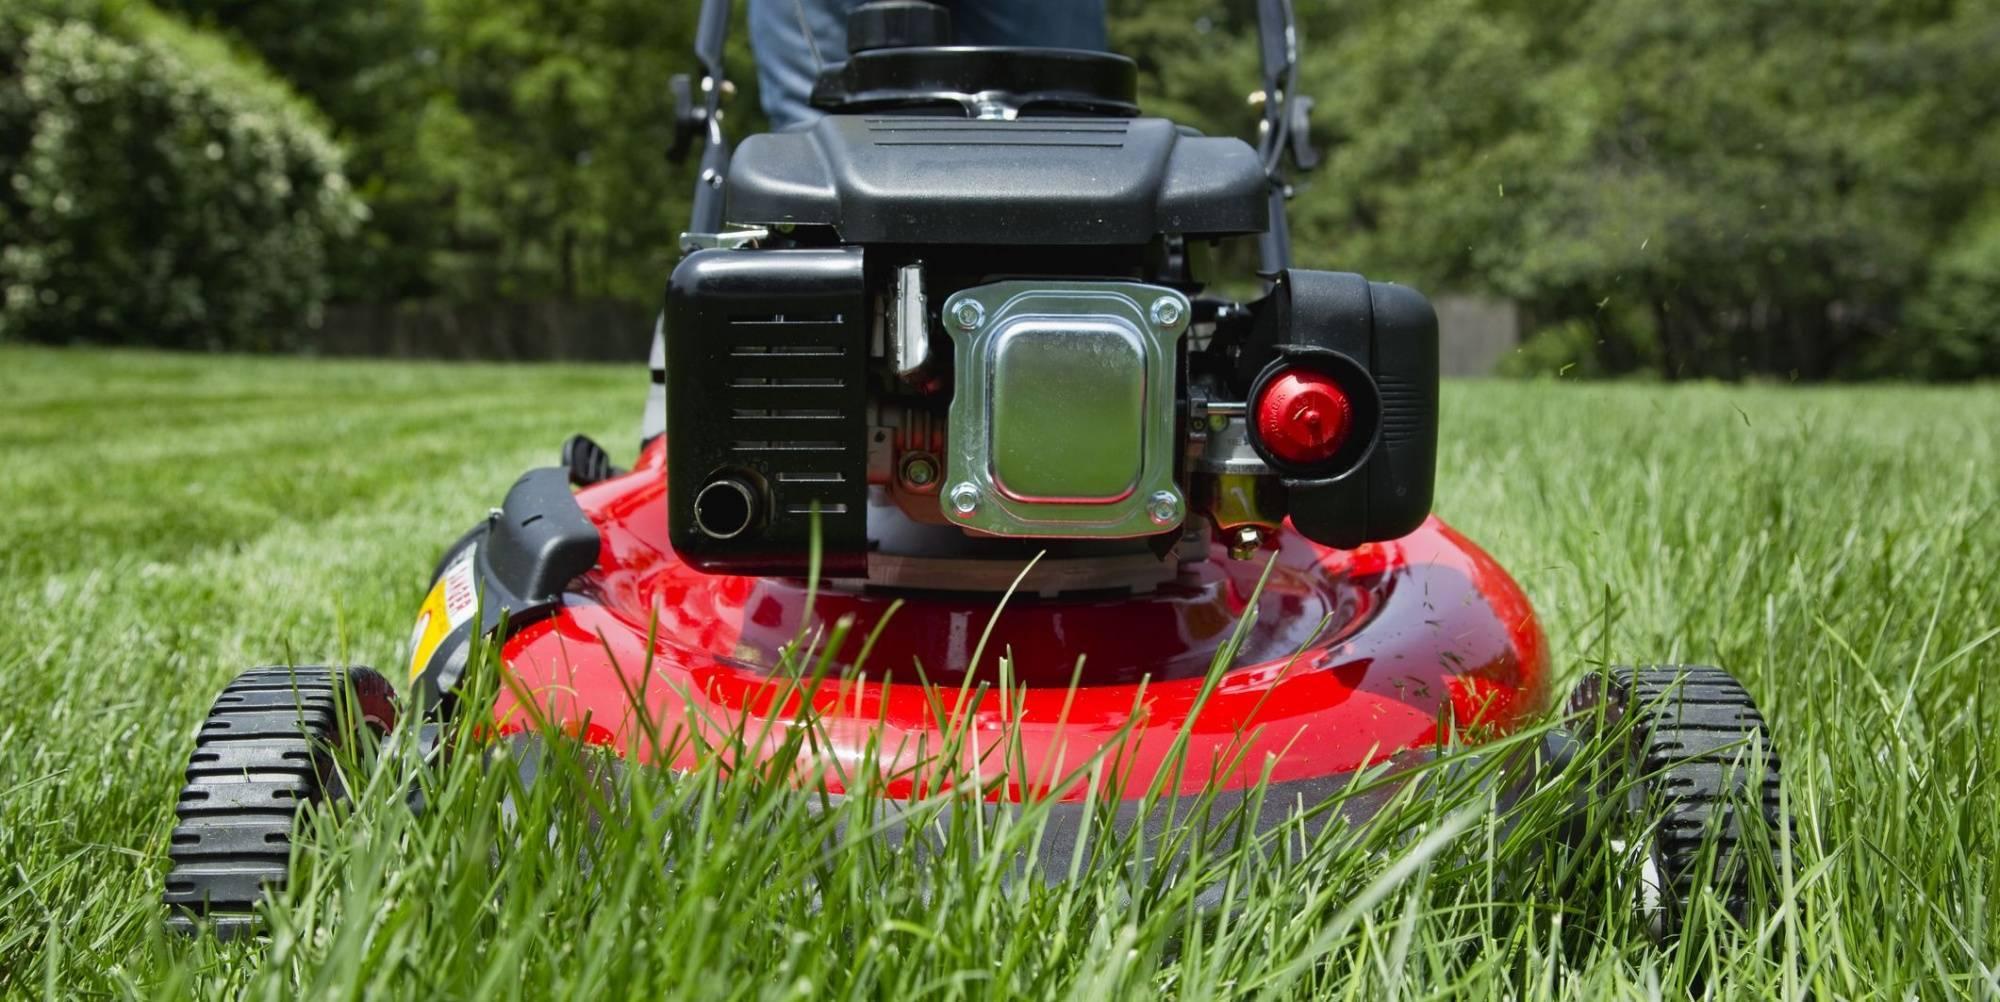 Выбор аккумуляторных ножниц для травы: плюсы и минусы, обзор моделей